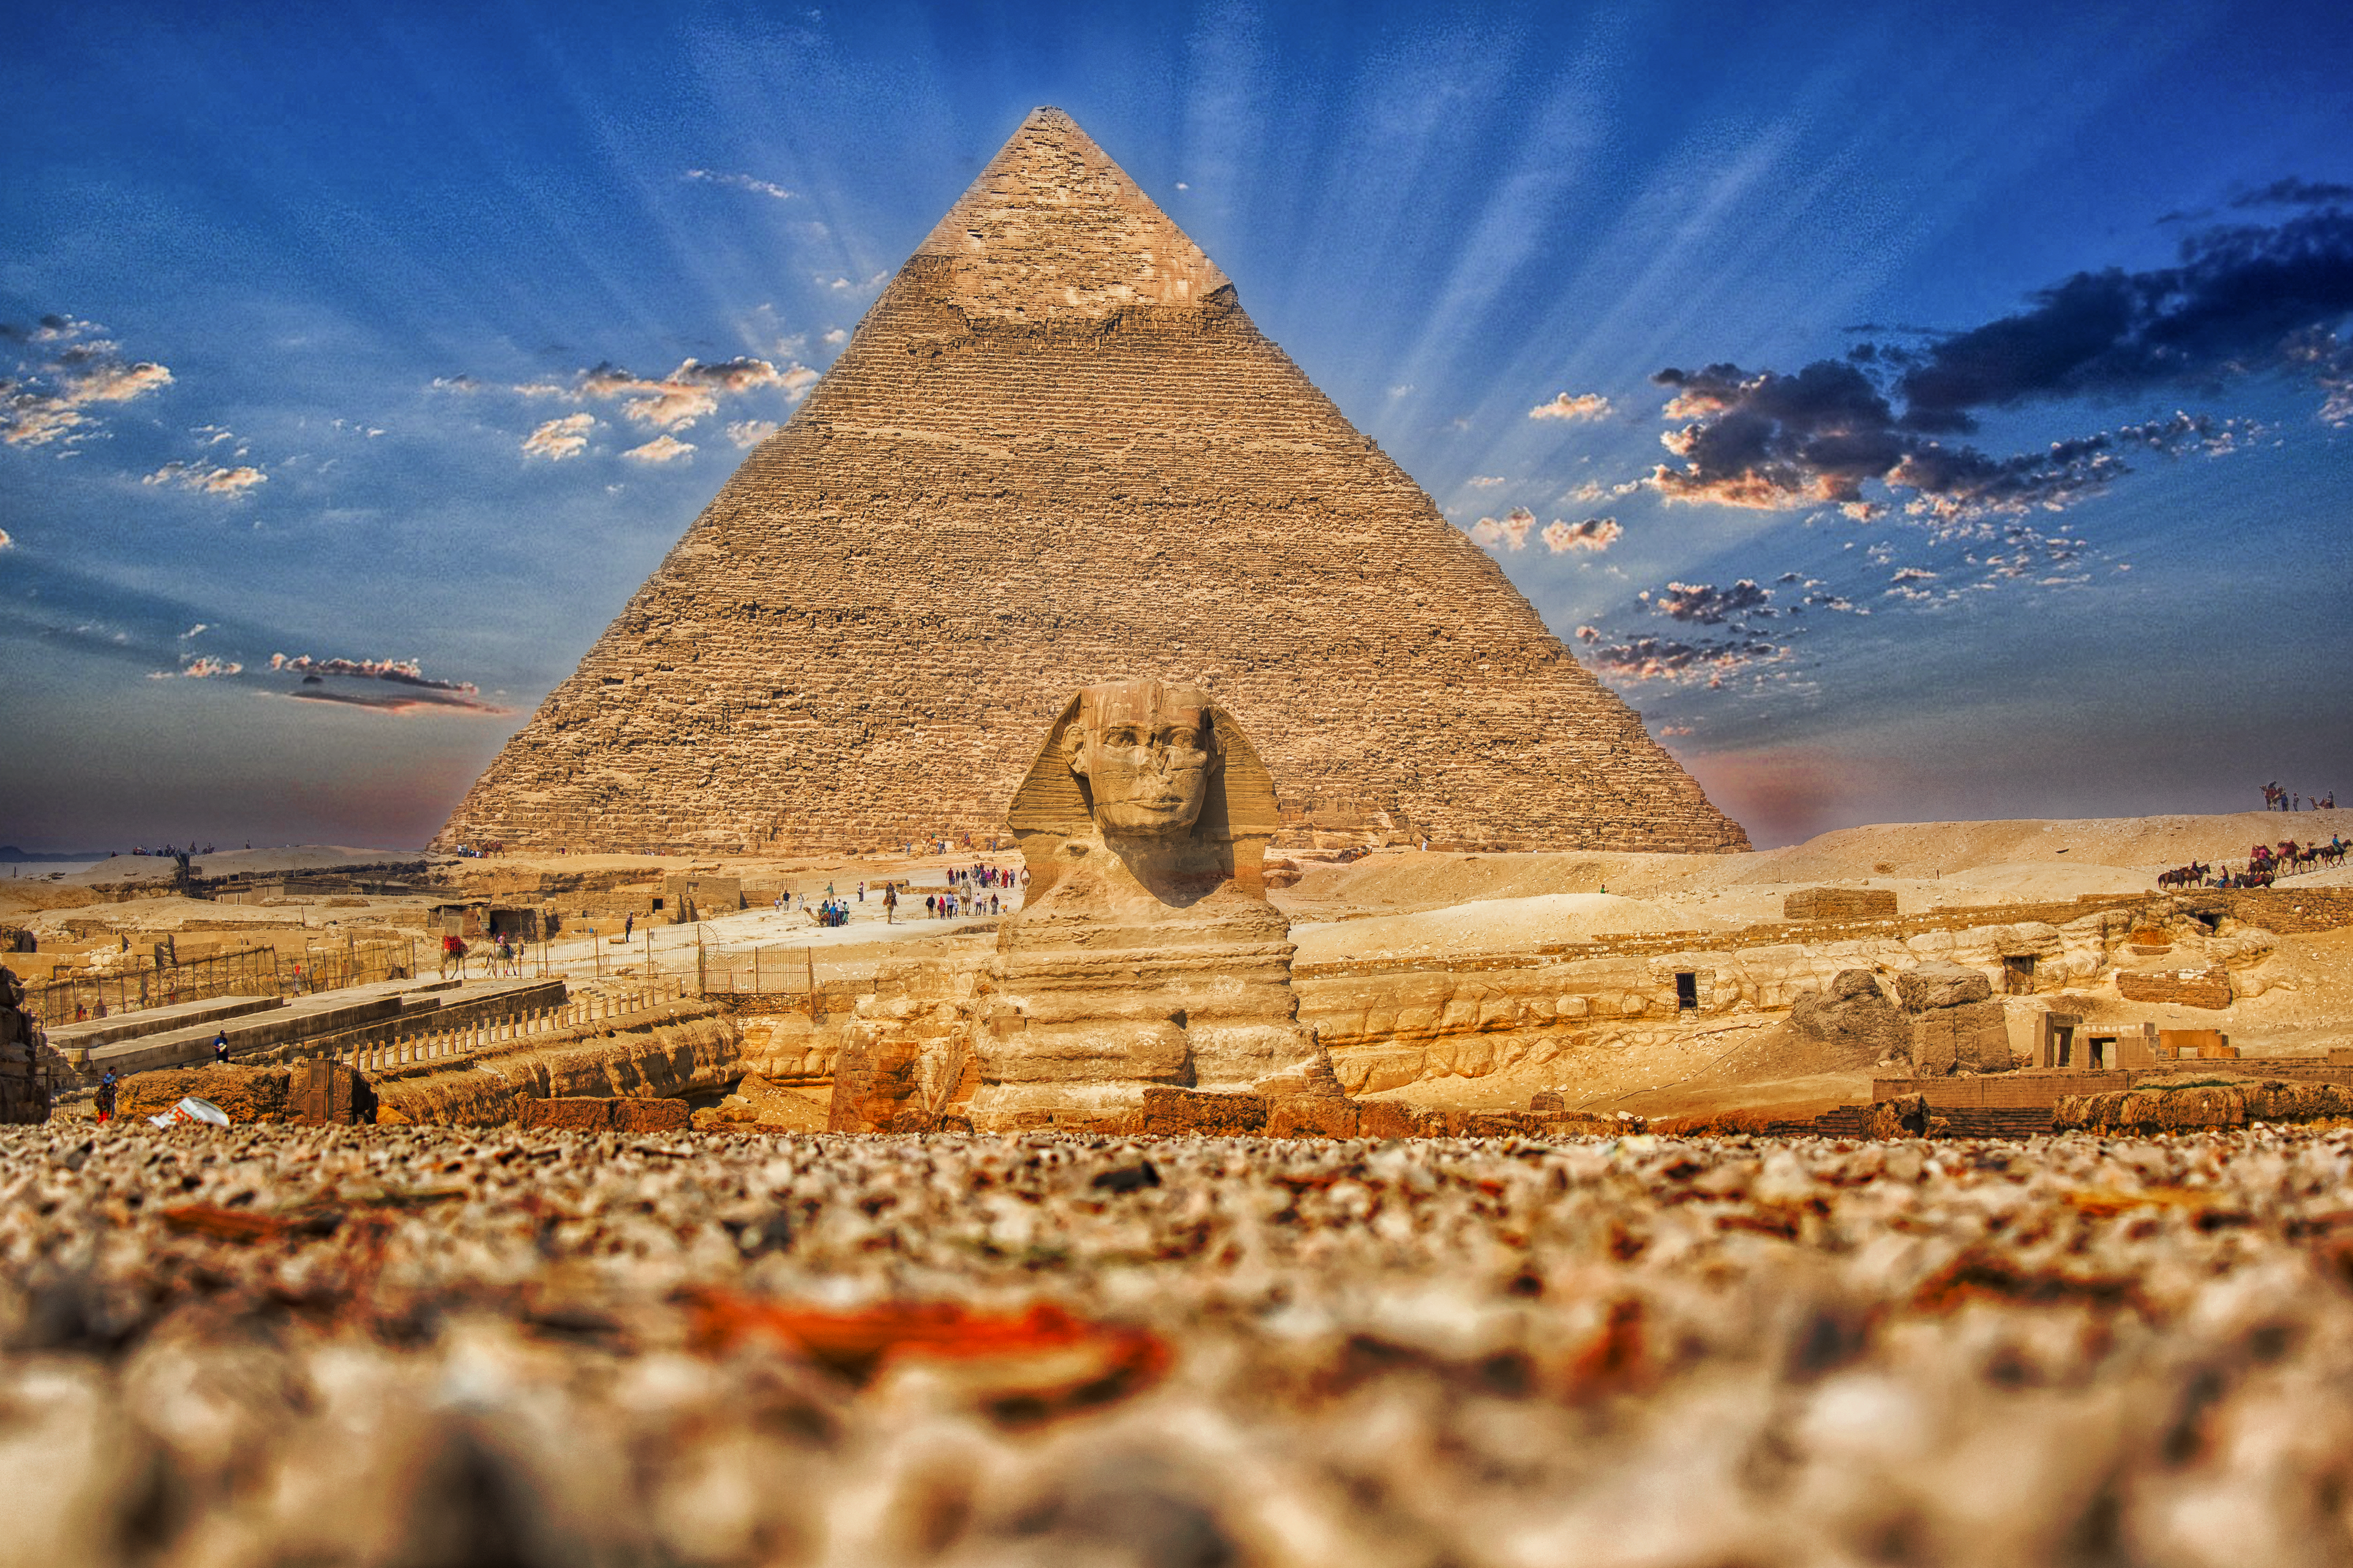 Картинки египтян и пирамиды